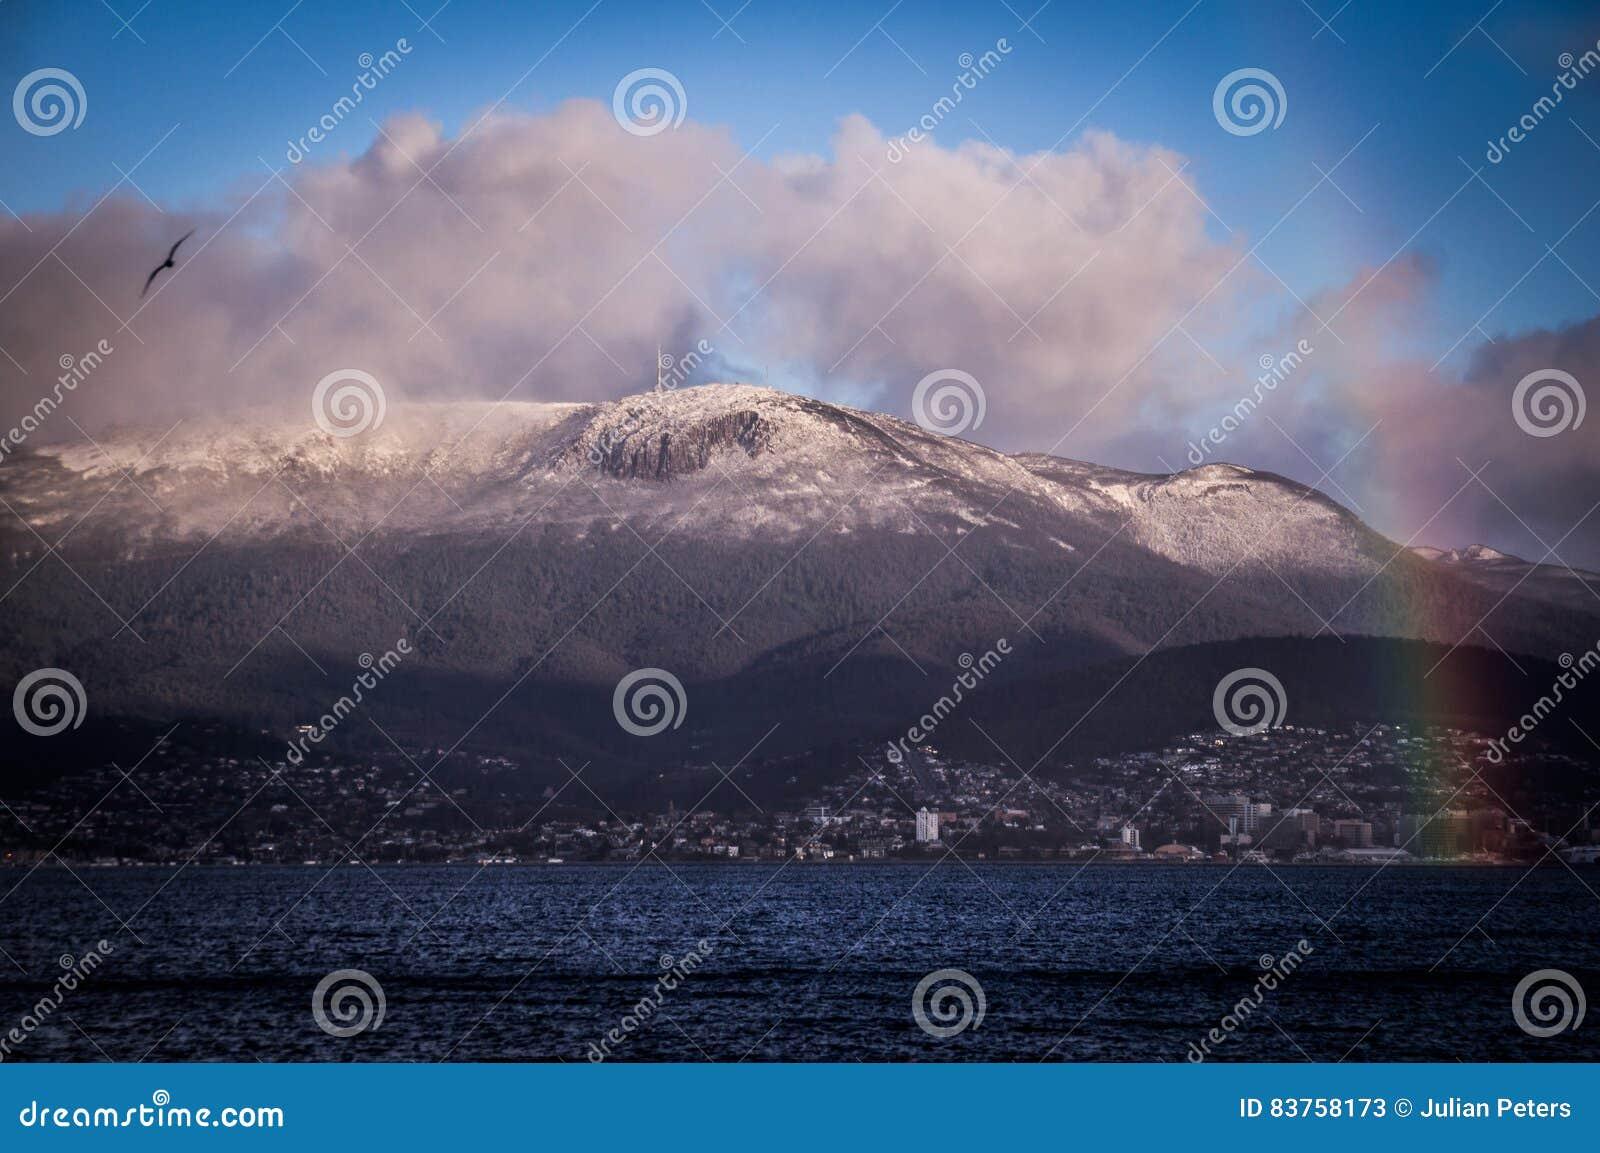 Hobart, Tasmanien mit Regenbogen und schneebedeckter Mt Wellington im Hintergrund